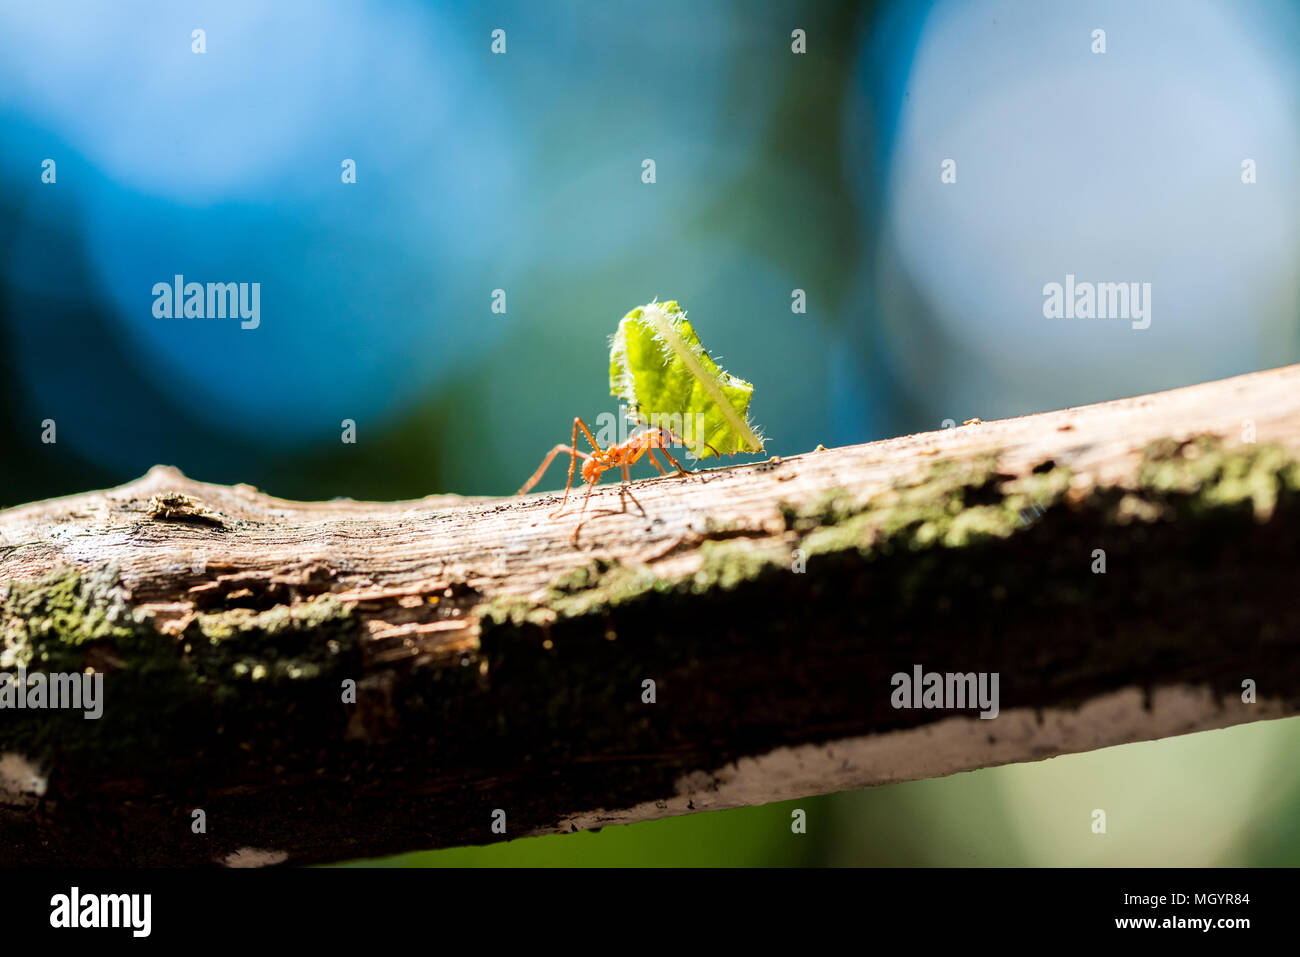 Ameisen sind die Blätter Stockbild